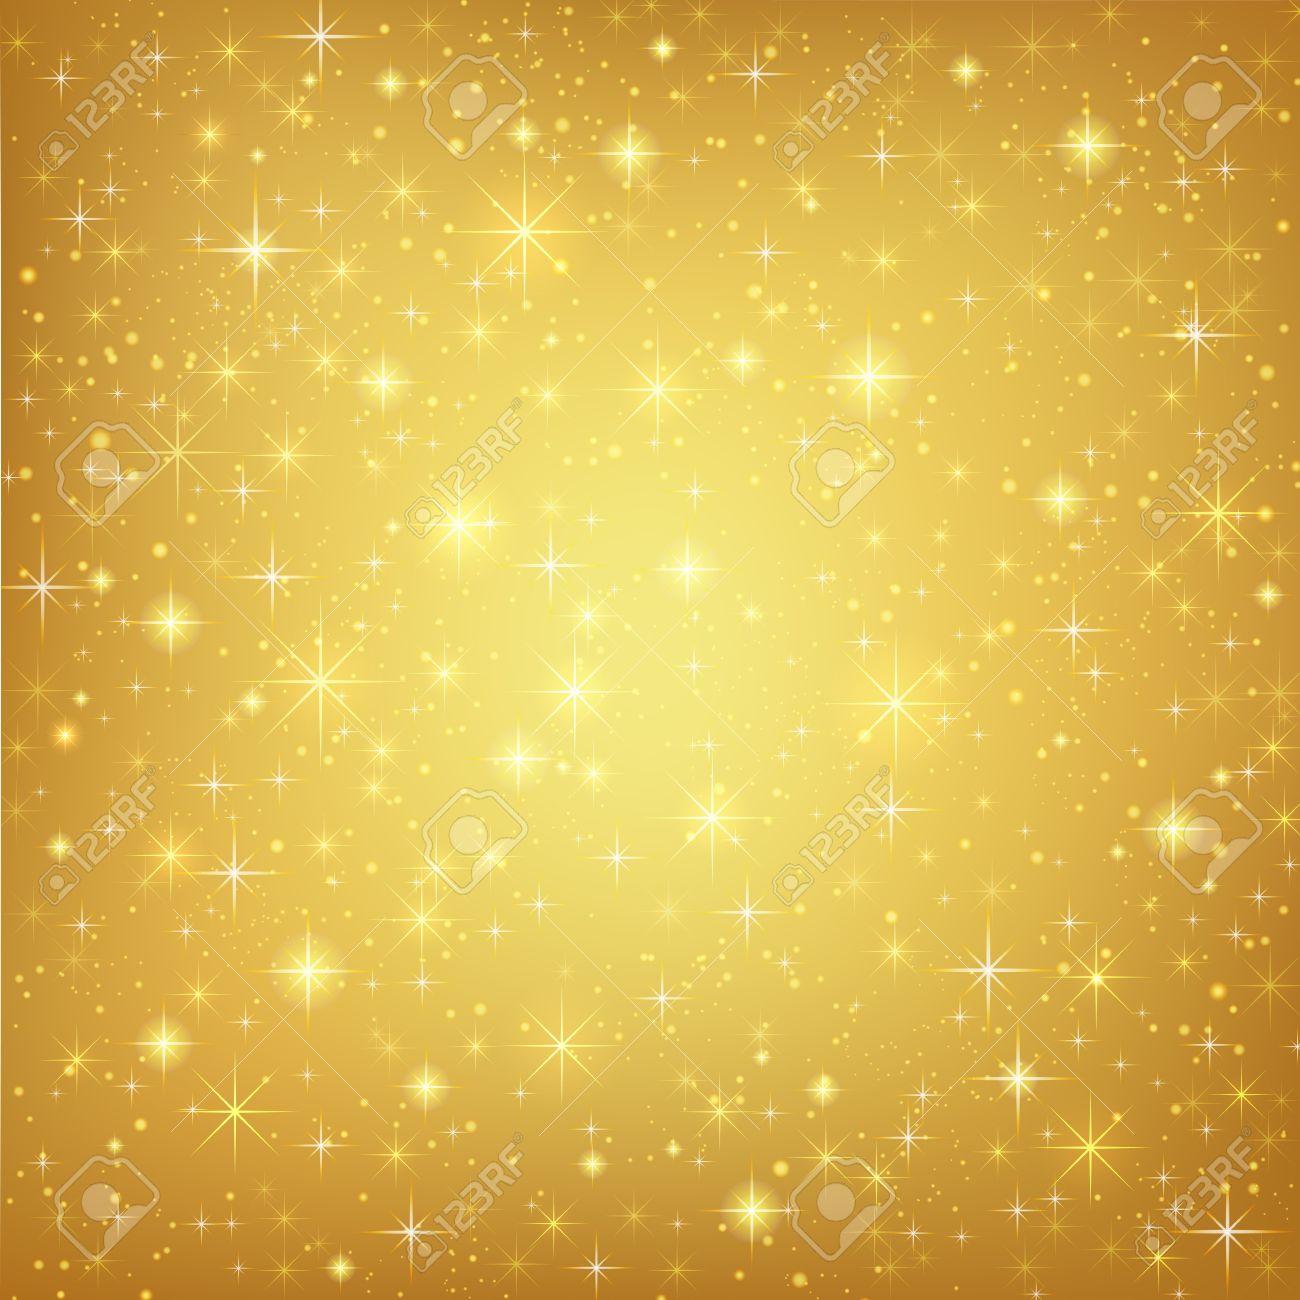 Fond Doré résumé fond doré avec des étoiles scintillantes d'or mousseux